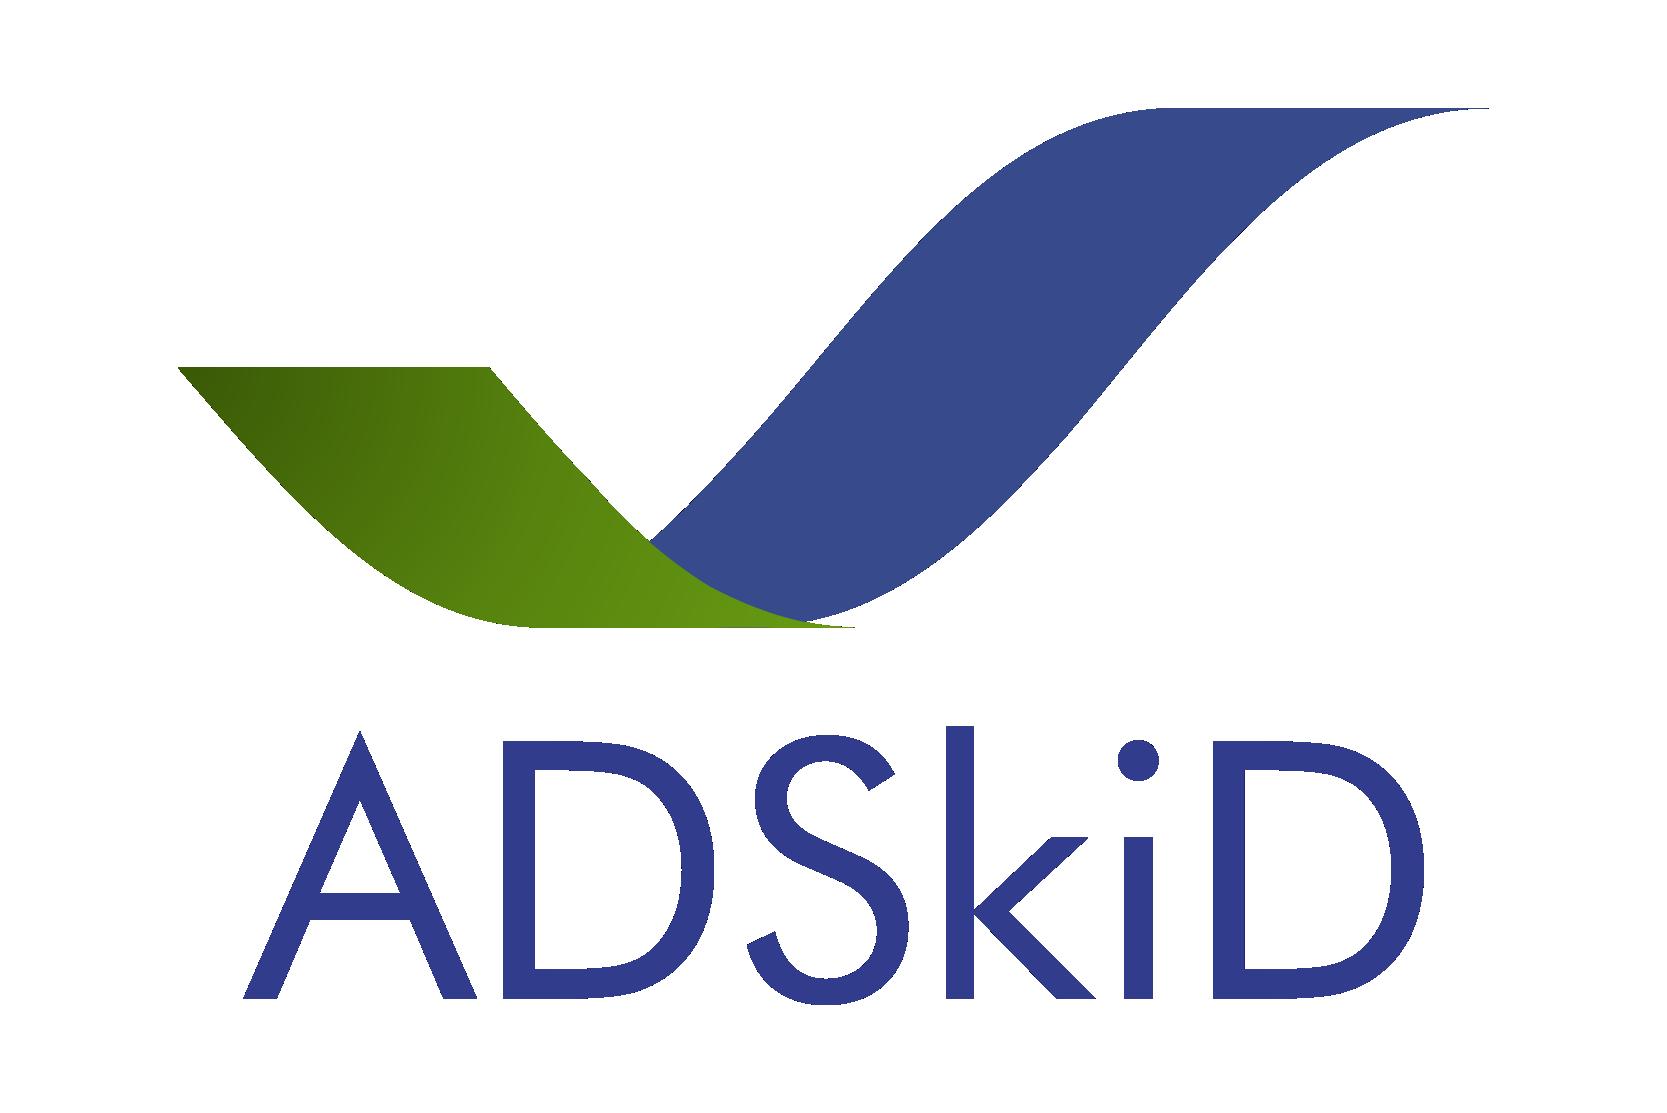 ADSKID